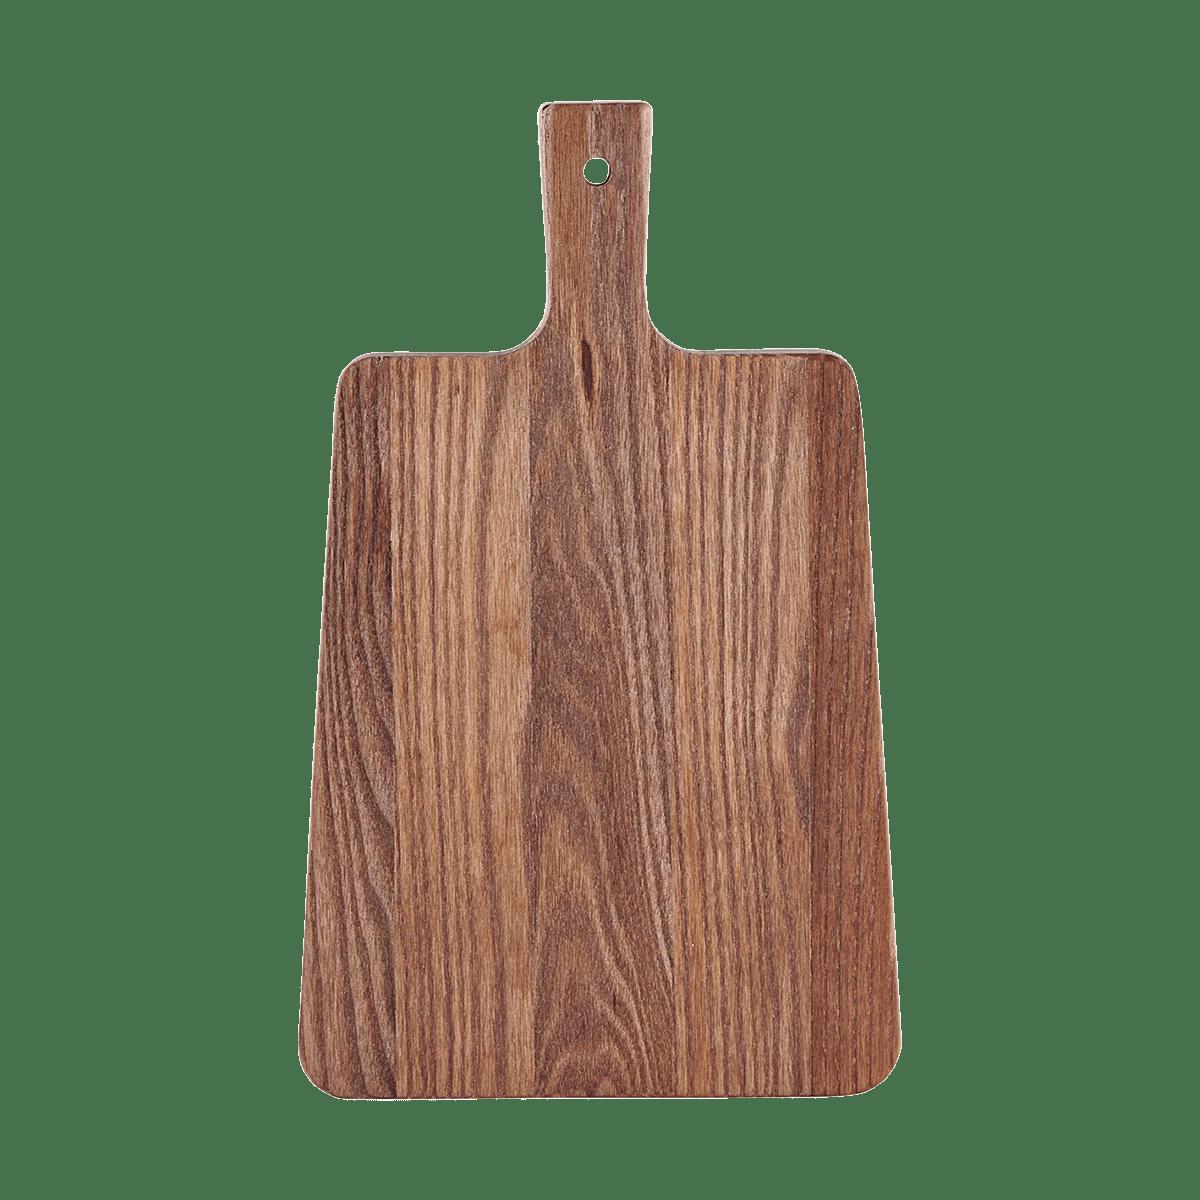 Sada 2 ks − Kuchyňské prkénko Walnut